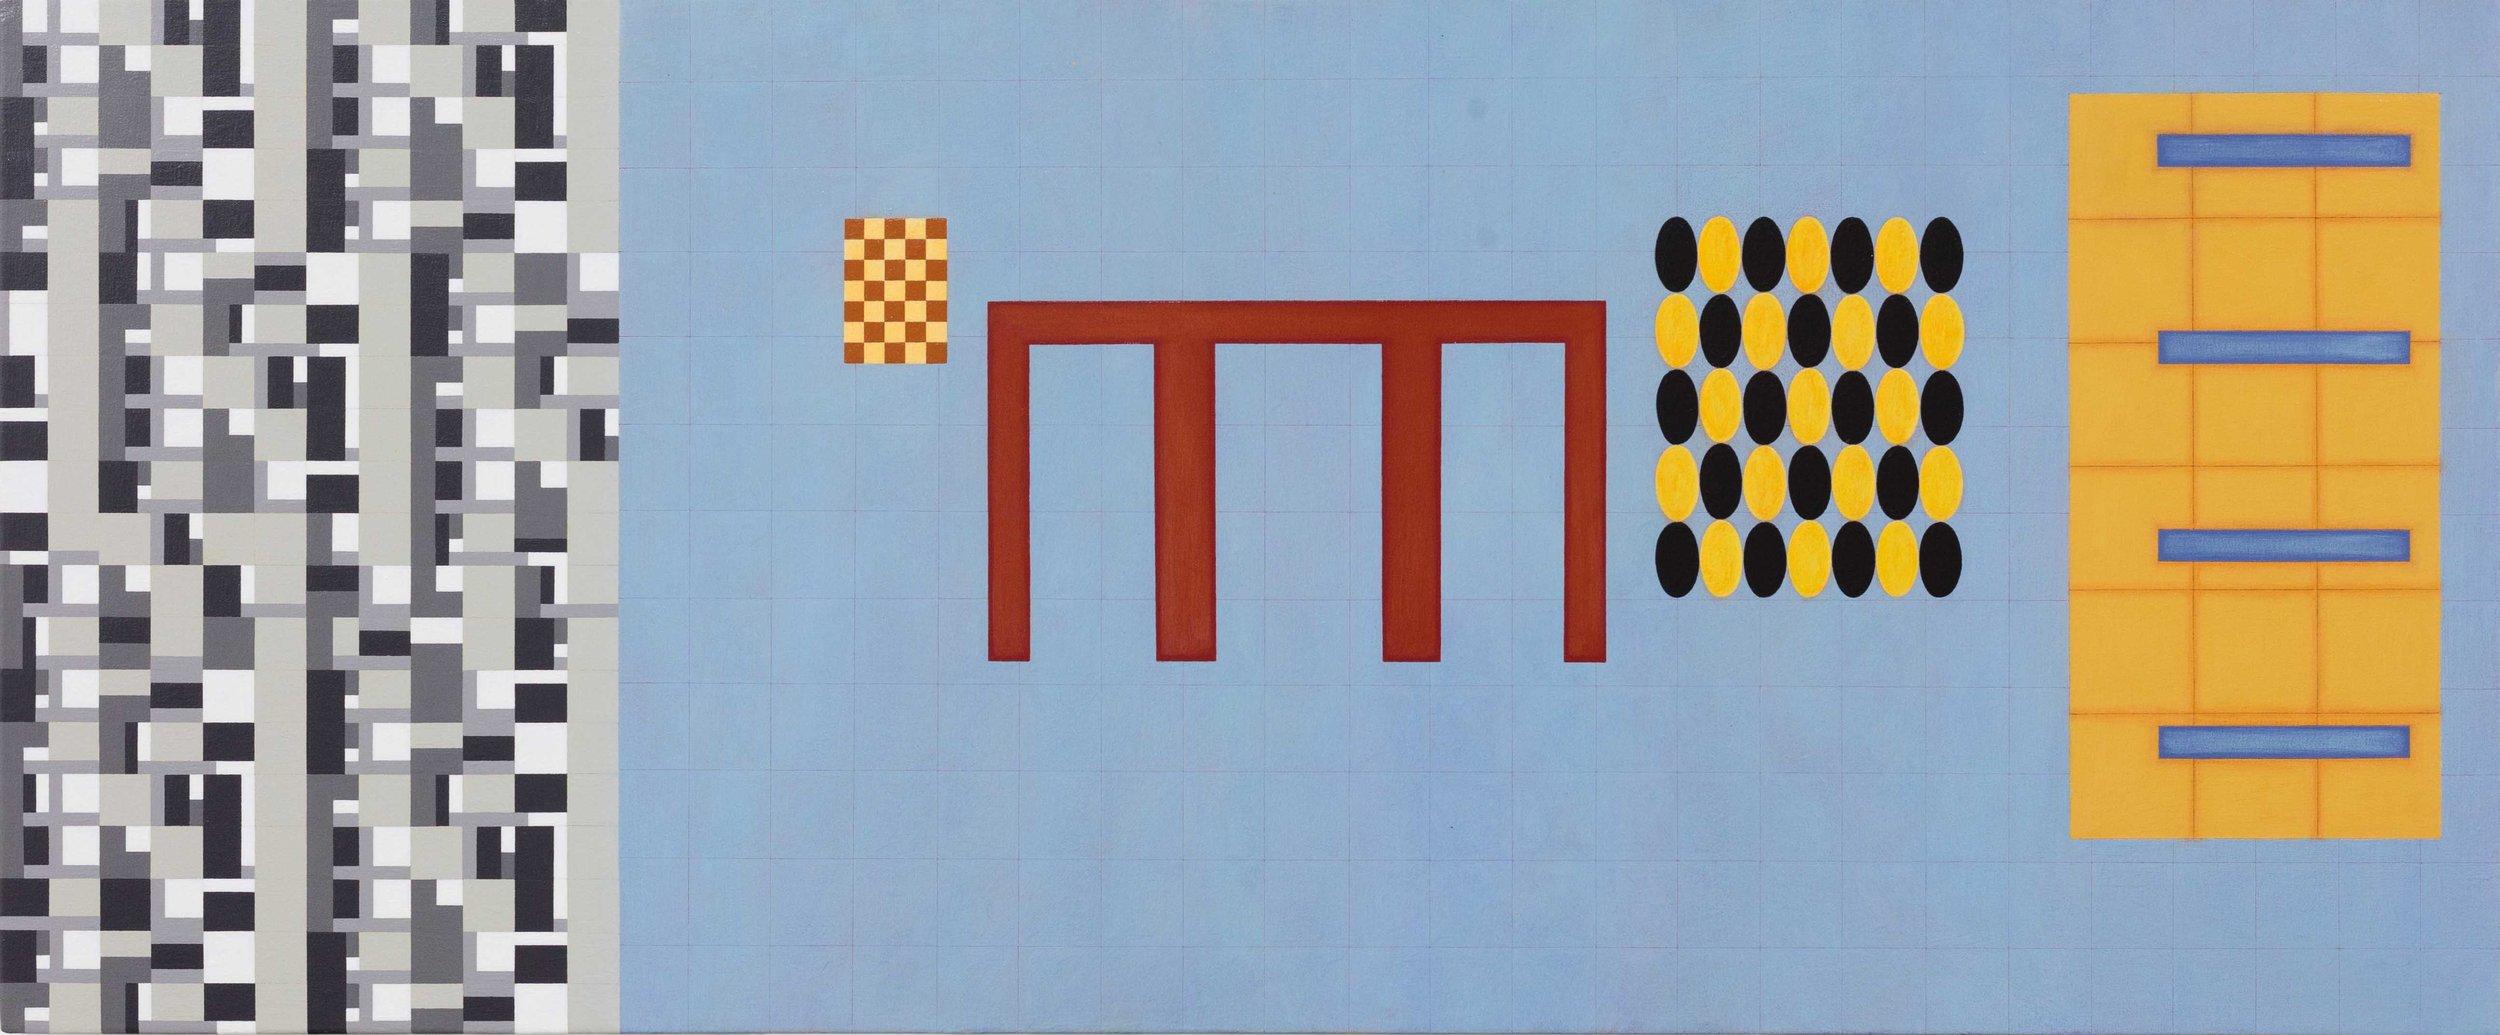 Towards Intuition, 2013. acrylic on canvas, 50.5 x 121.5cm  $5,500.